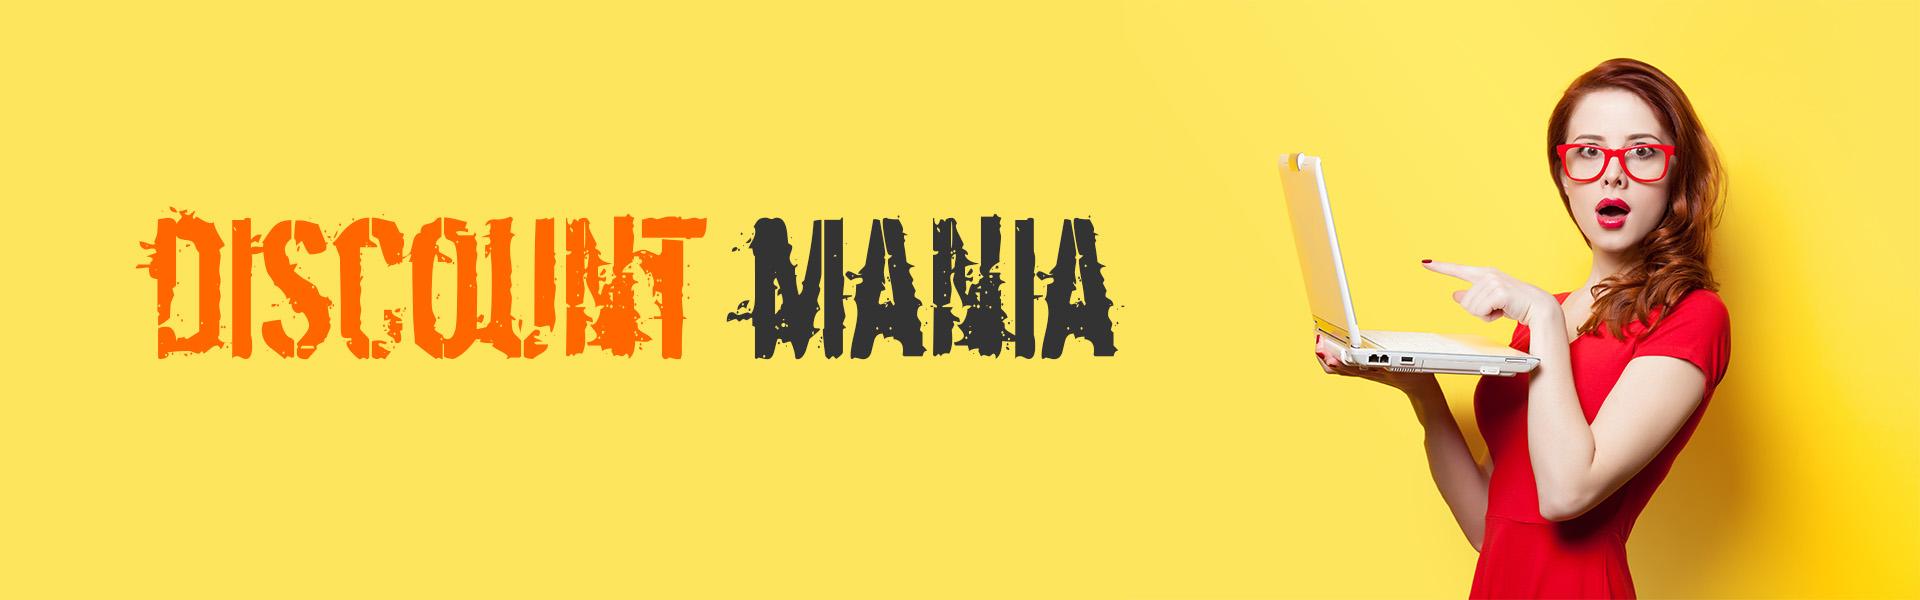 Discount Mania